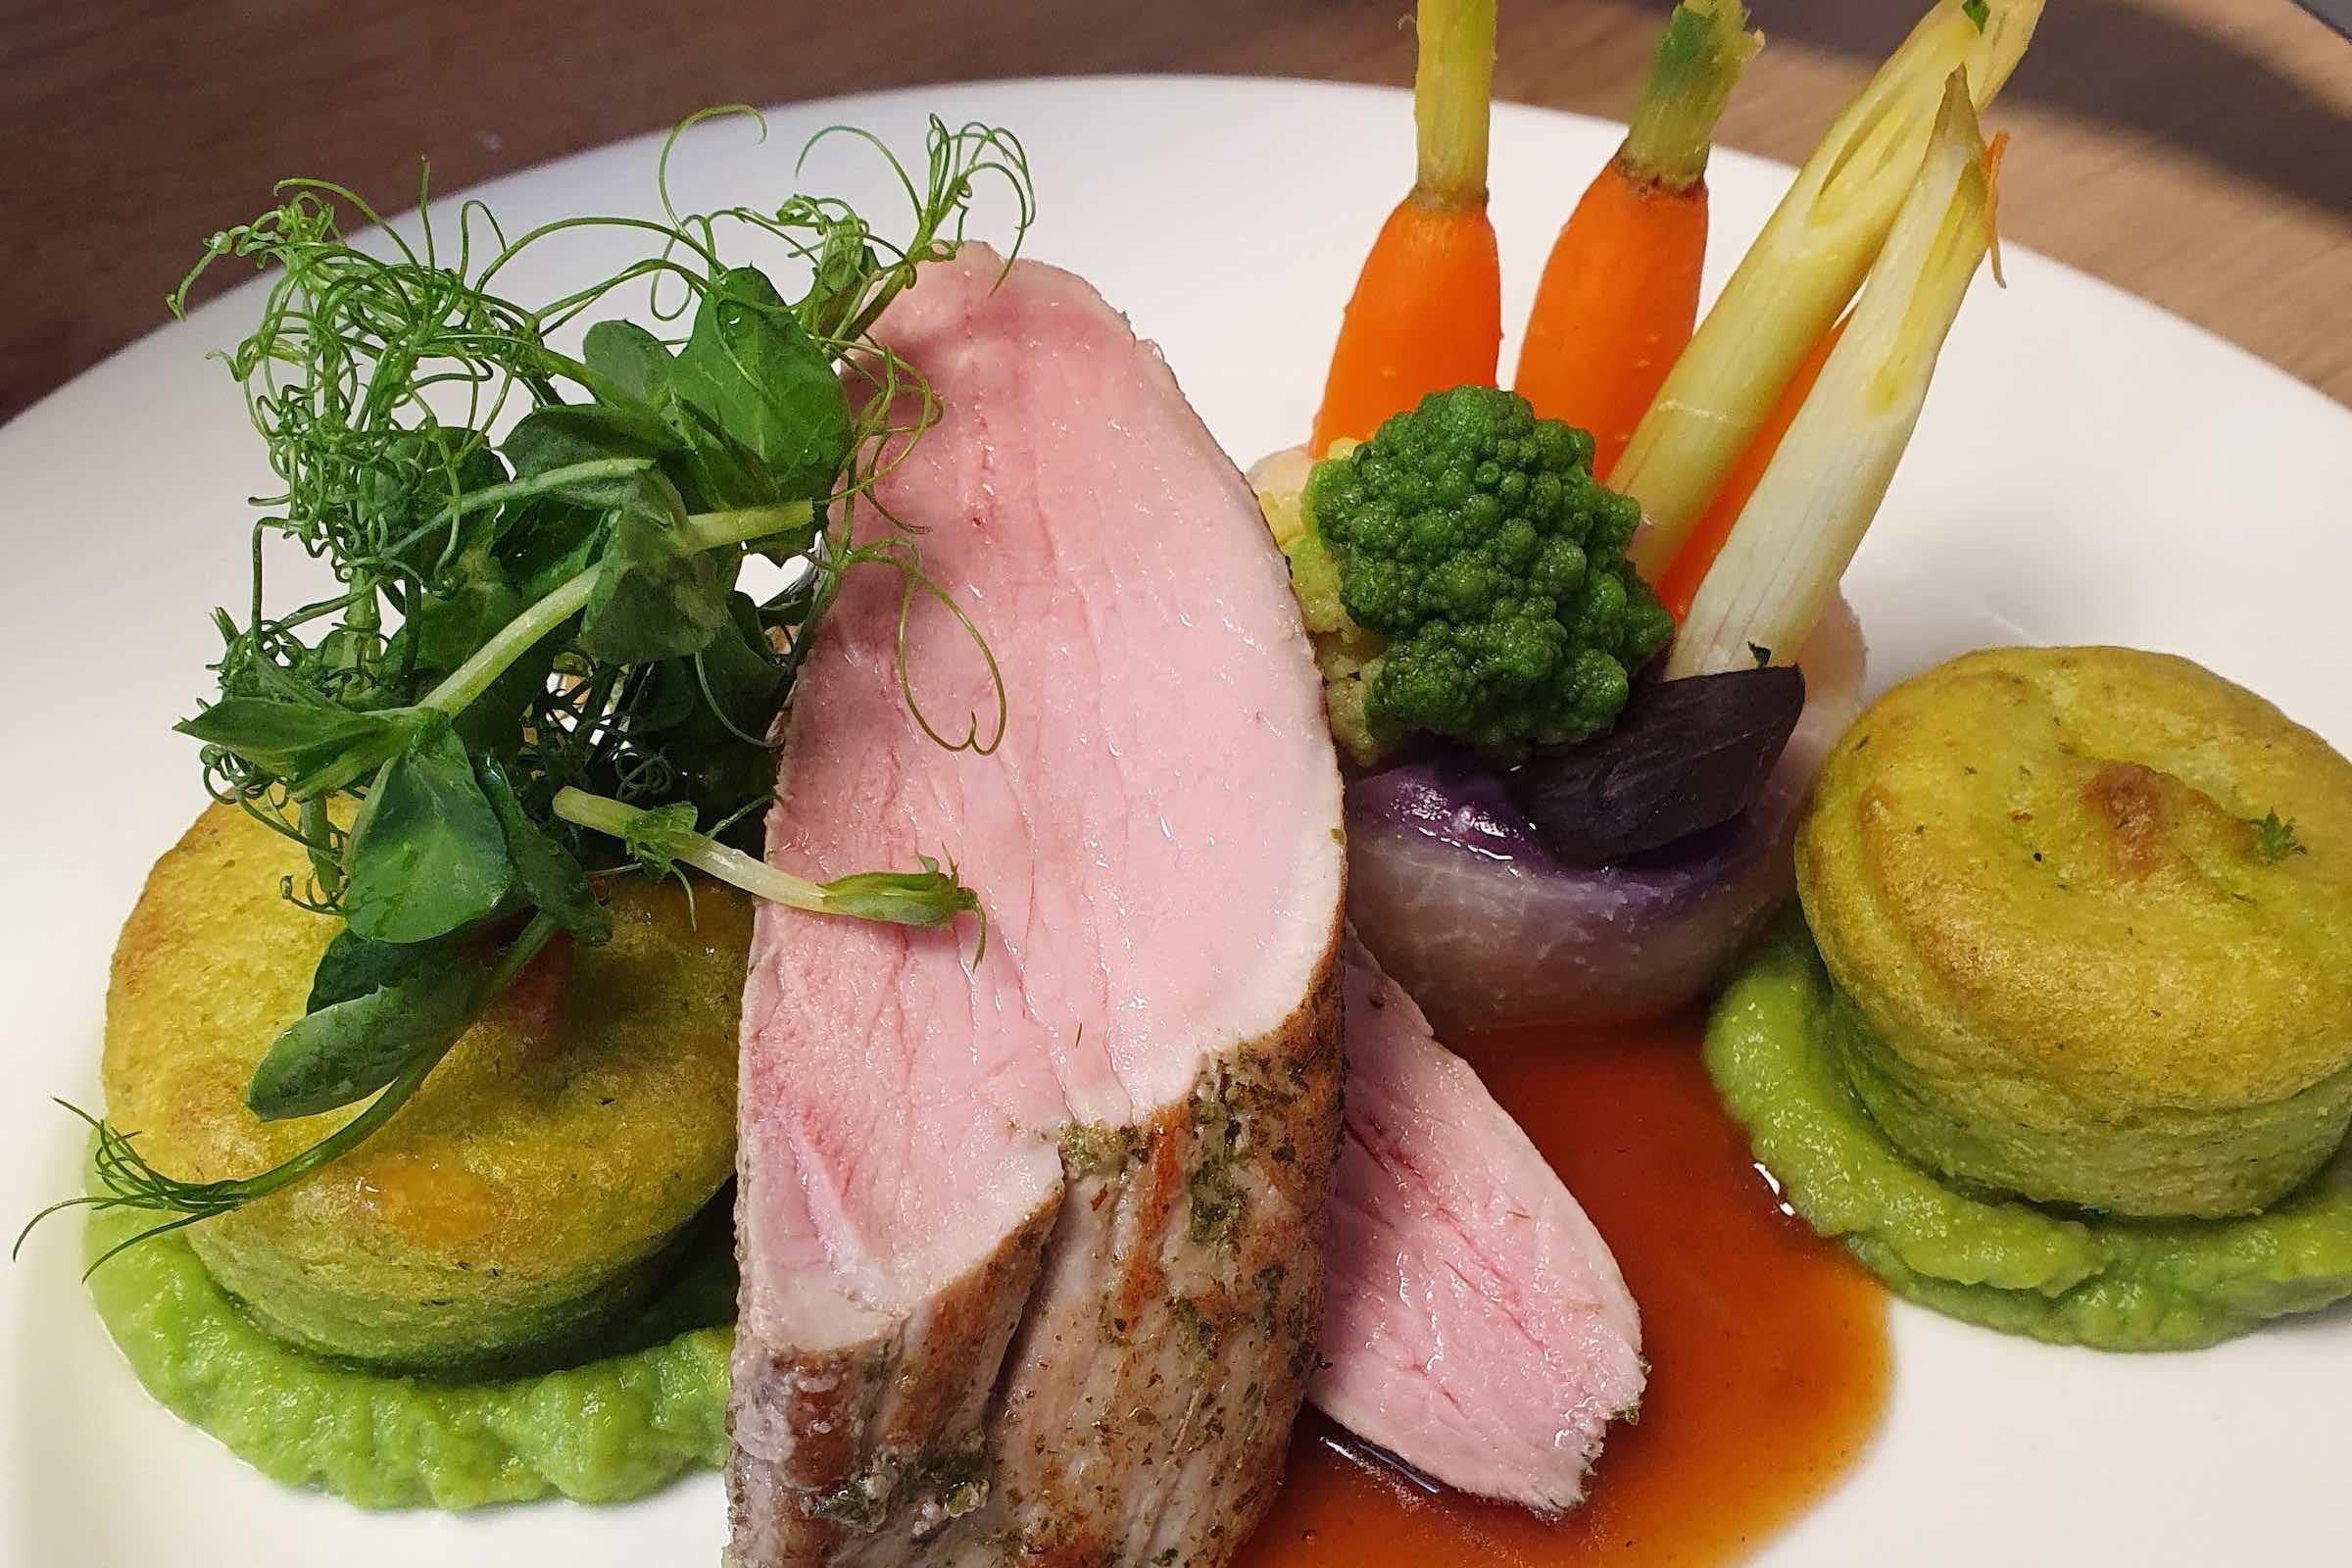 Thorbens | Küche | Partyservice | Essen | Koch | Catering | Buffet | Fingerfood | Menü | Hochzeit | Messe | Buchen | Lieferant | Anfragen